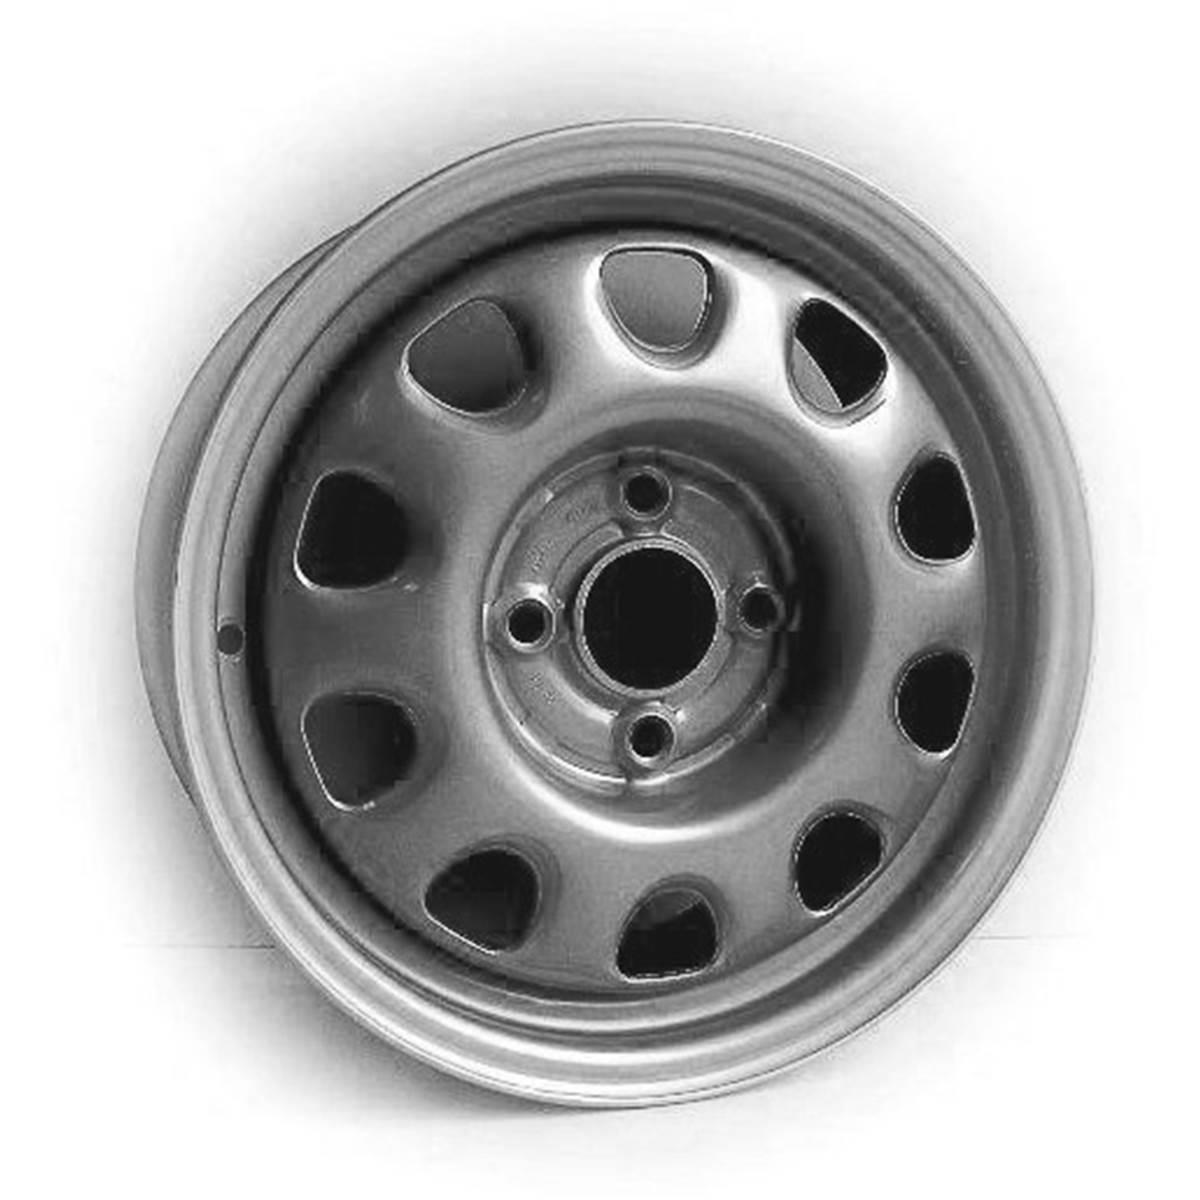 Jante tôle Magnetto wheels 7 x 16 5 x 112 entraxe 47